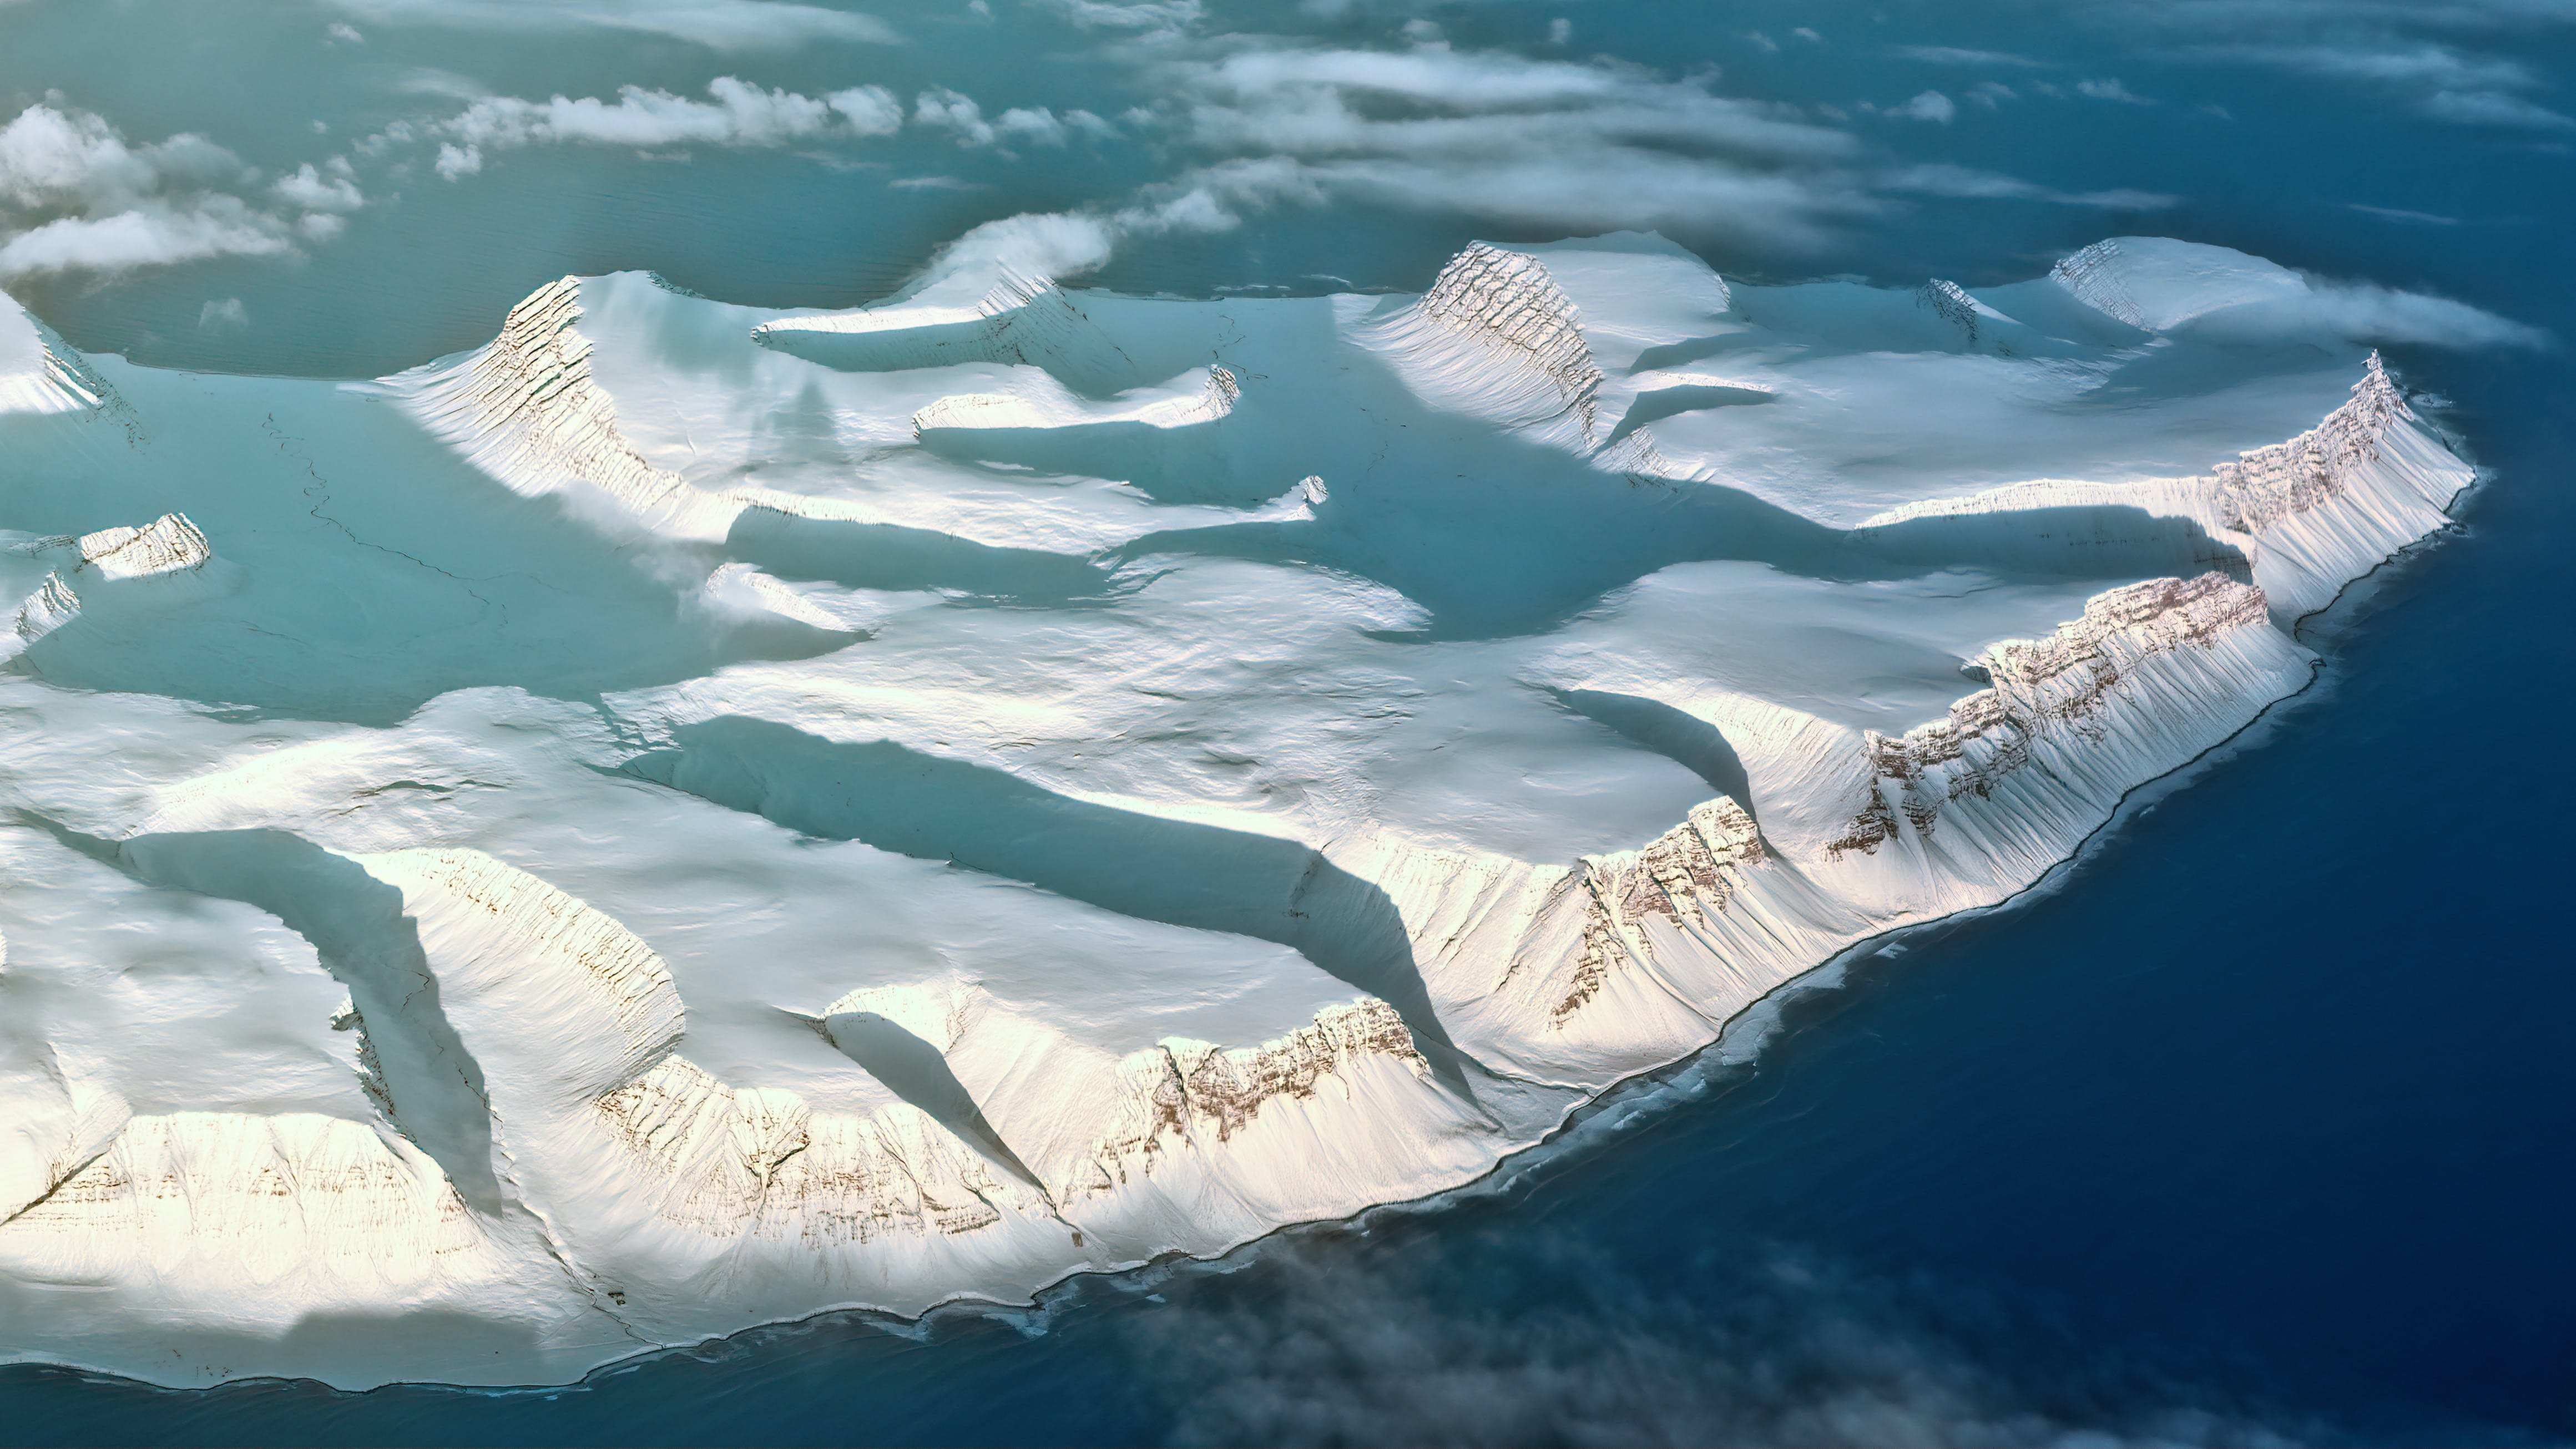 冬季, 冰, 冰河, 冷 的 免費圖庫相片